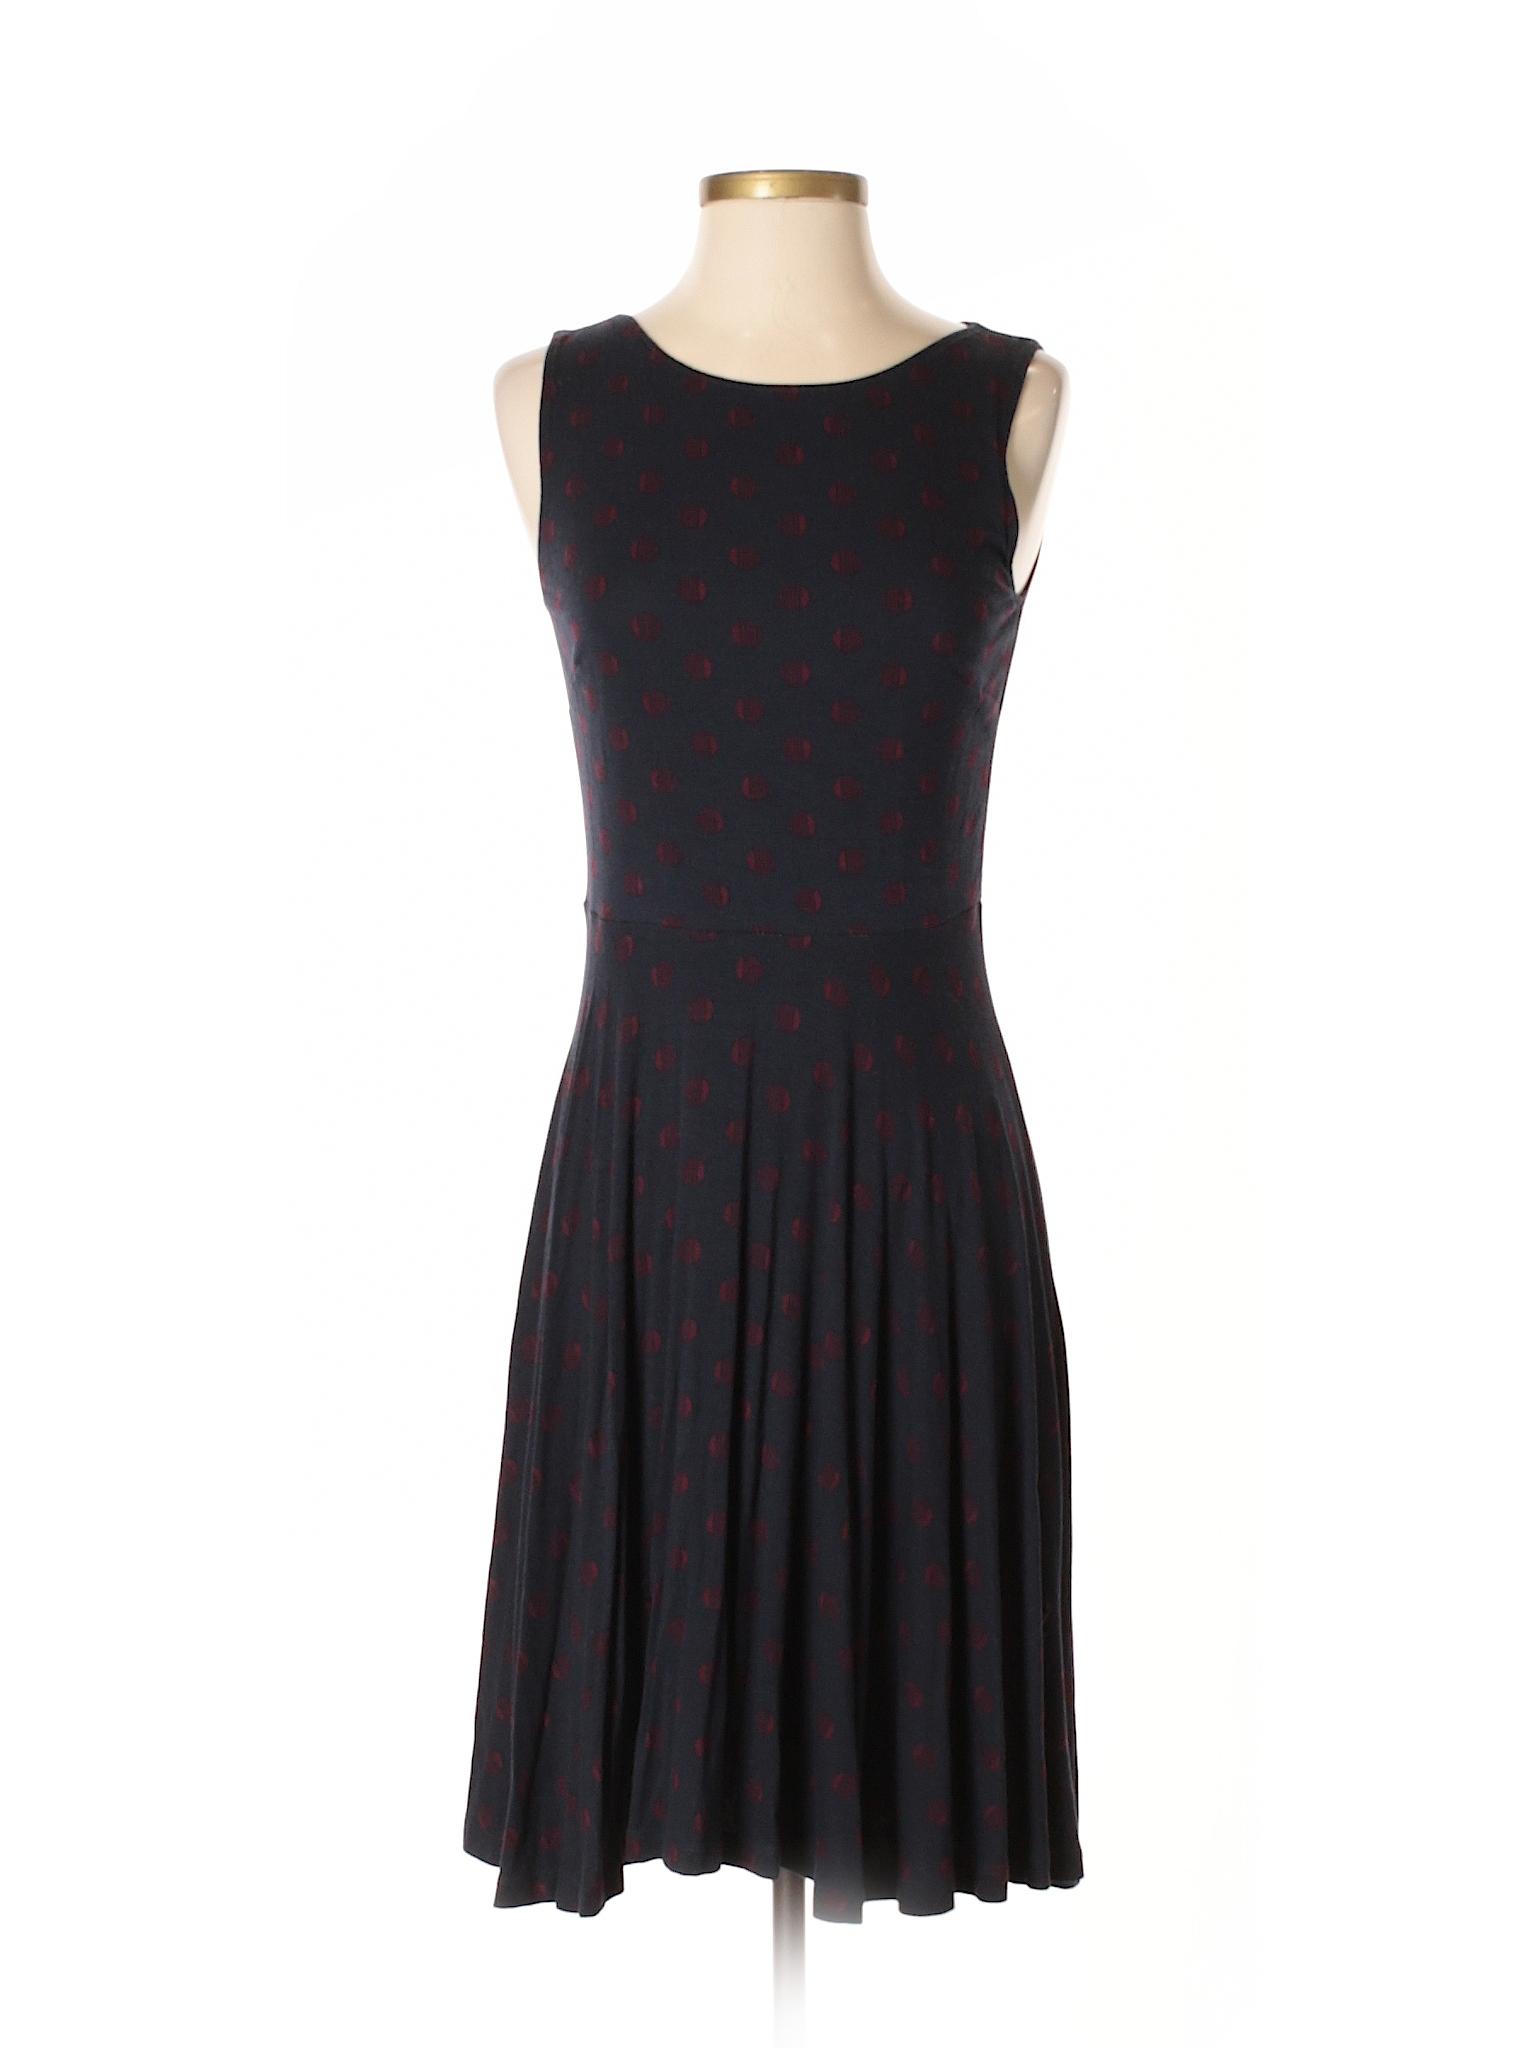 Casual Taylor Boutique Dress LOFT Ann winter nxPP8qIg